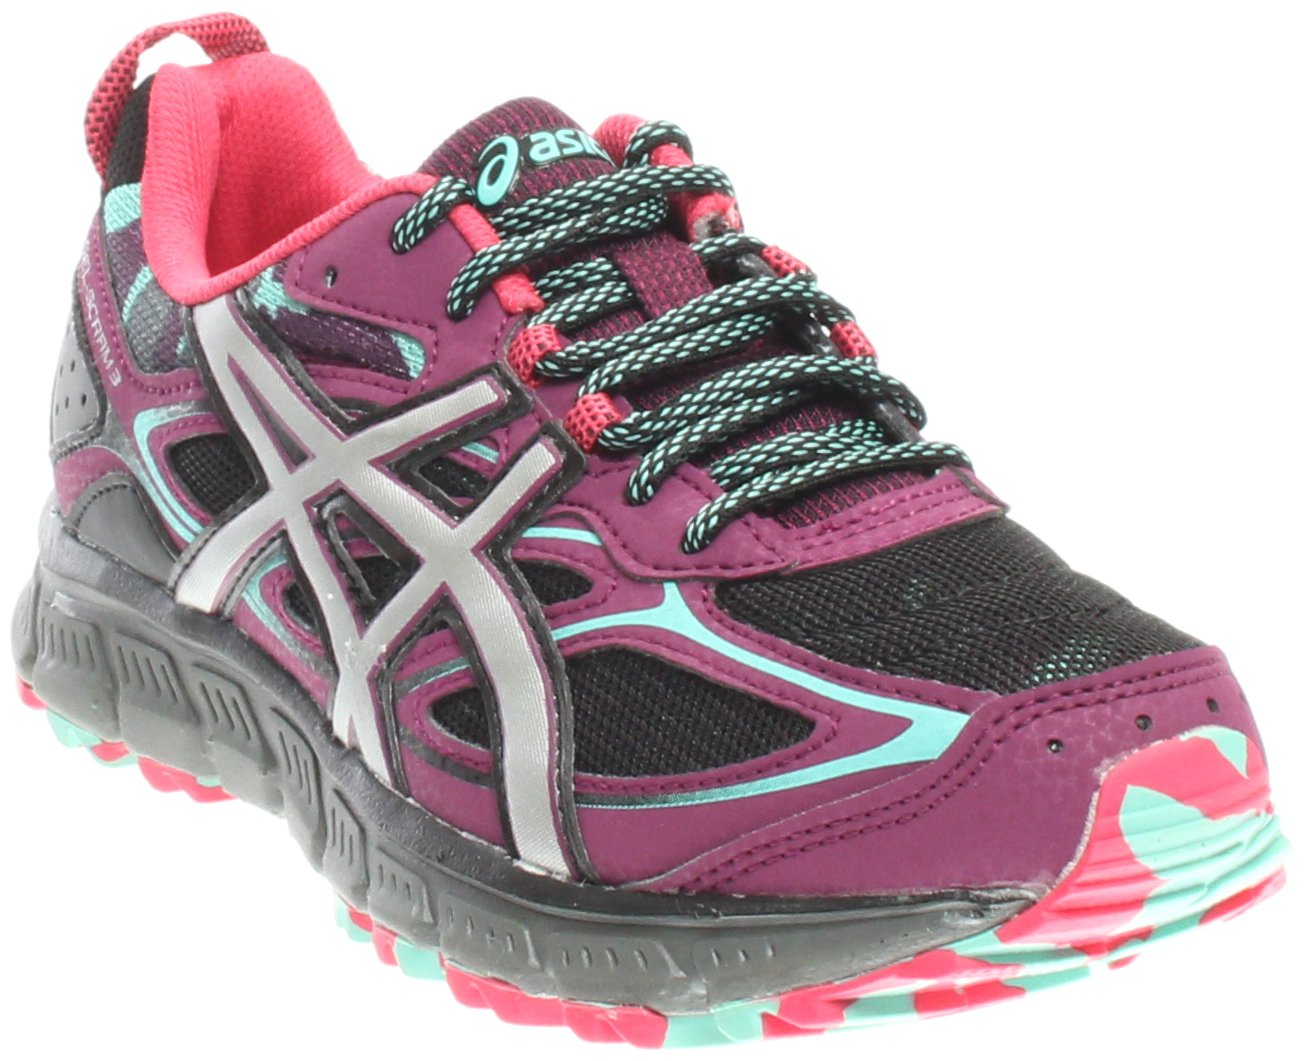 ASICS Women's Gel-Scram 3 Trail Runner B01MZGRVTE 7 M US|Purple